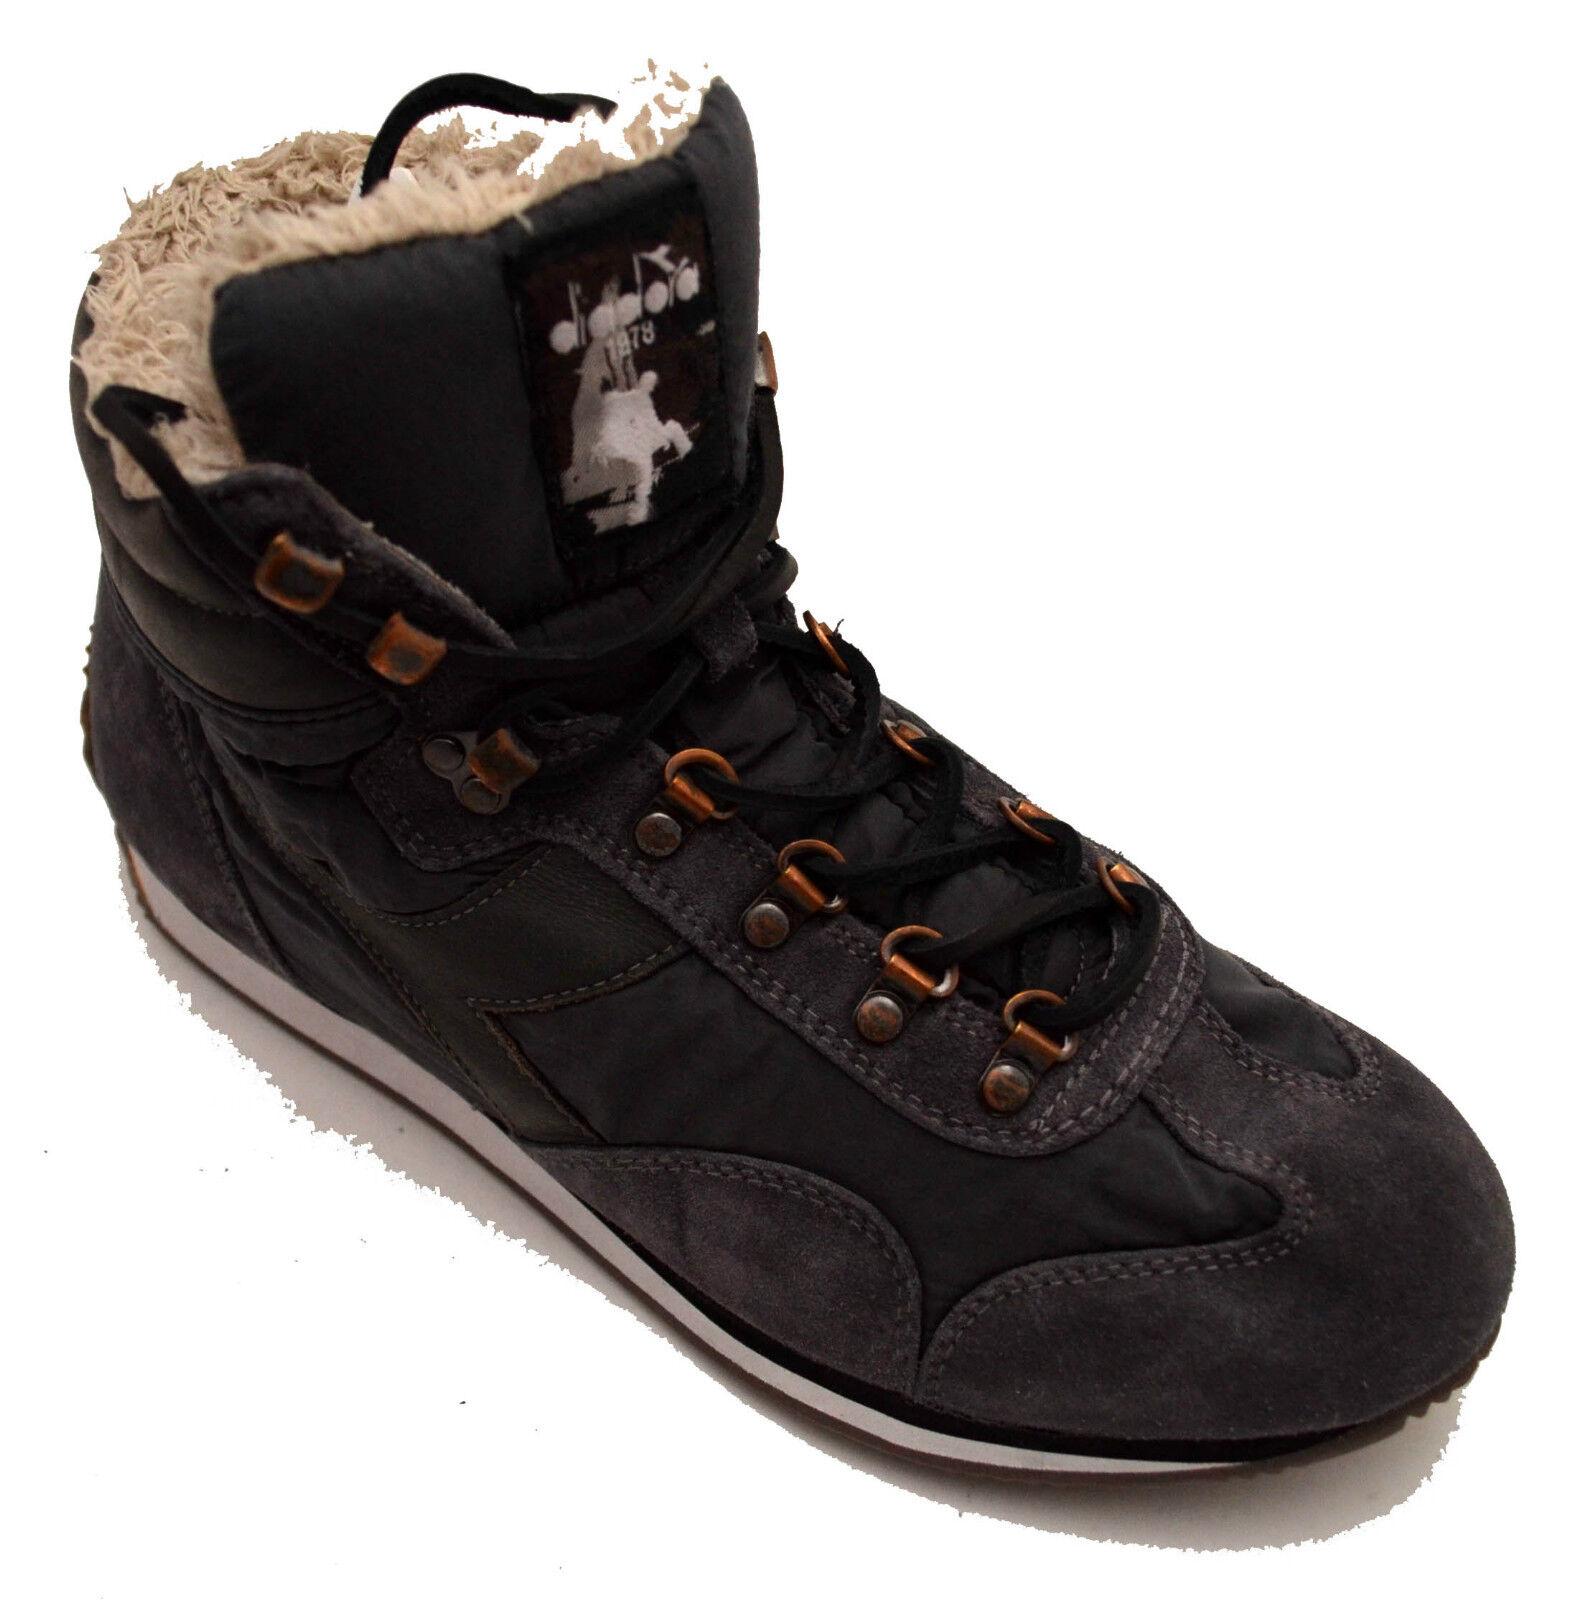 Diadora Heritage zapatos zapatillas Pelle Vintage Vintage Vintage zapatos Men hombres mujer mujer 157648  marca